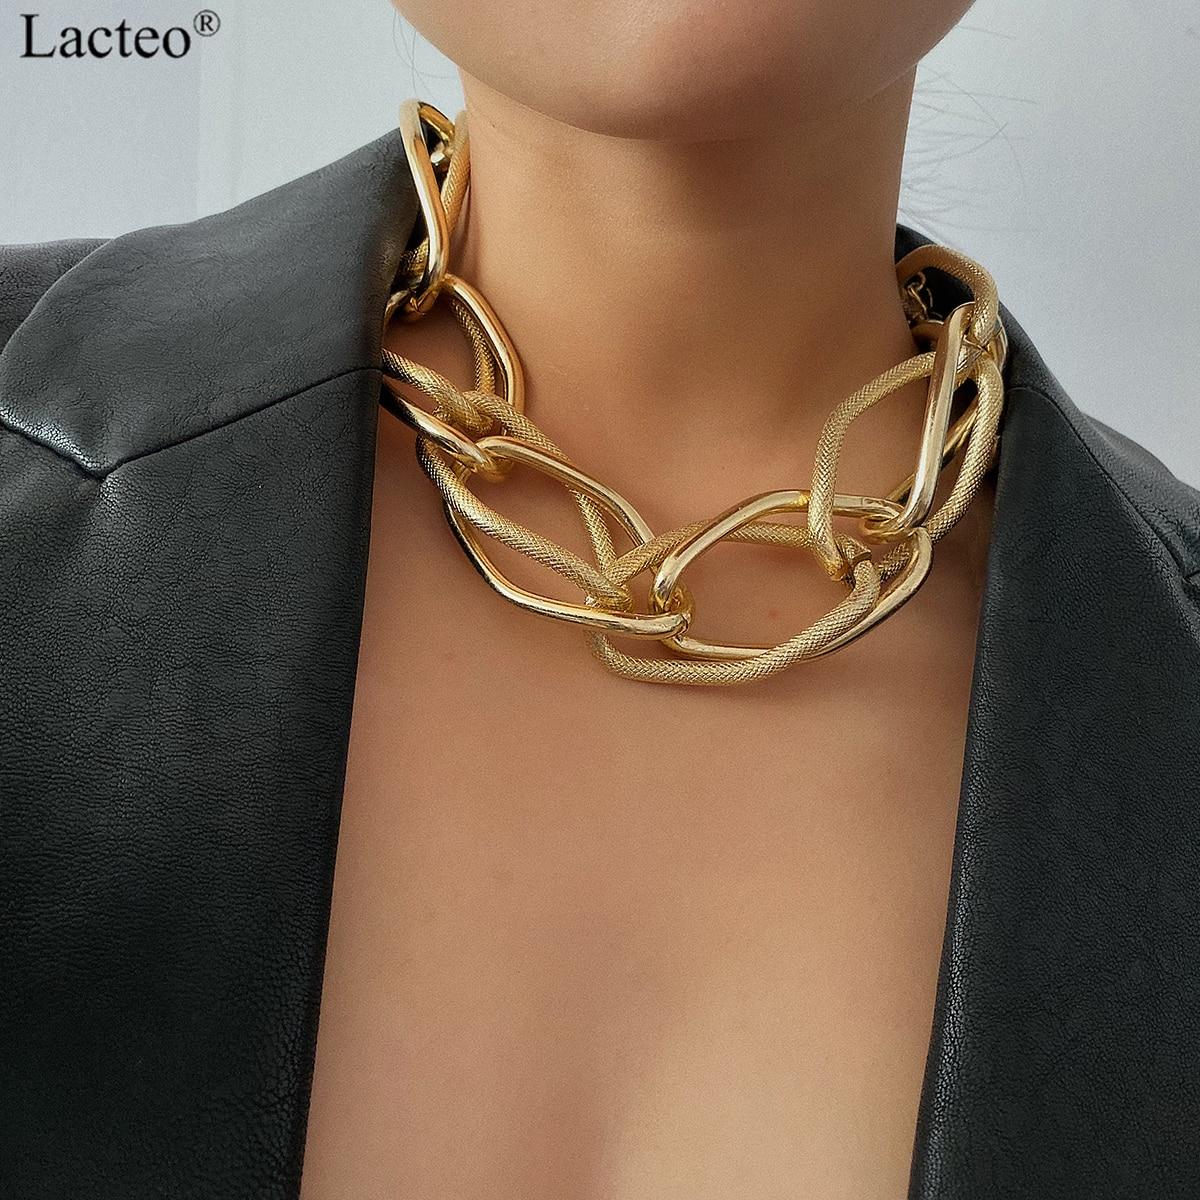 Lacteo, панк, многослойная золотая цепочка, колье, ожерелье, ювелирное изделие для женщин, хип хоп, большая толстая массивная цепочка на шею, Очаровательное ожерелье|Ожерелья-чокеры| | - AliExpress